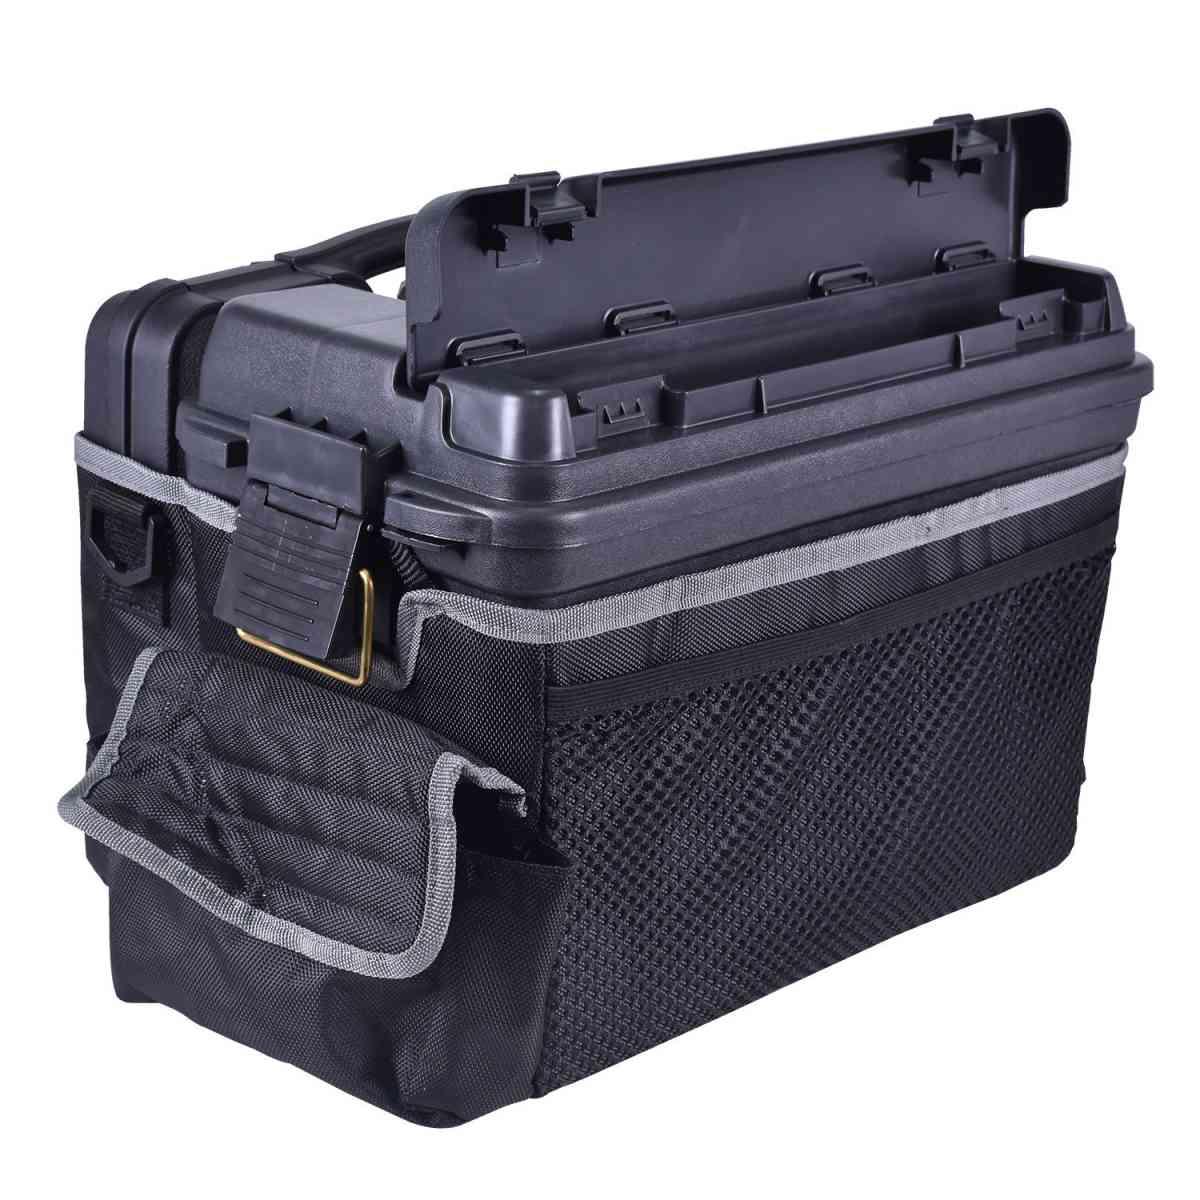 Maleta Para Pistola + Caixa de Acessórios e Bolsa Plano